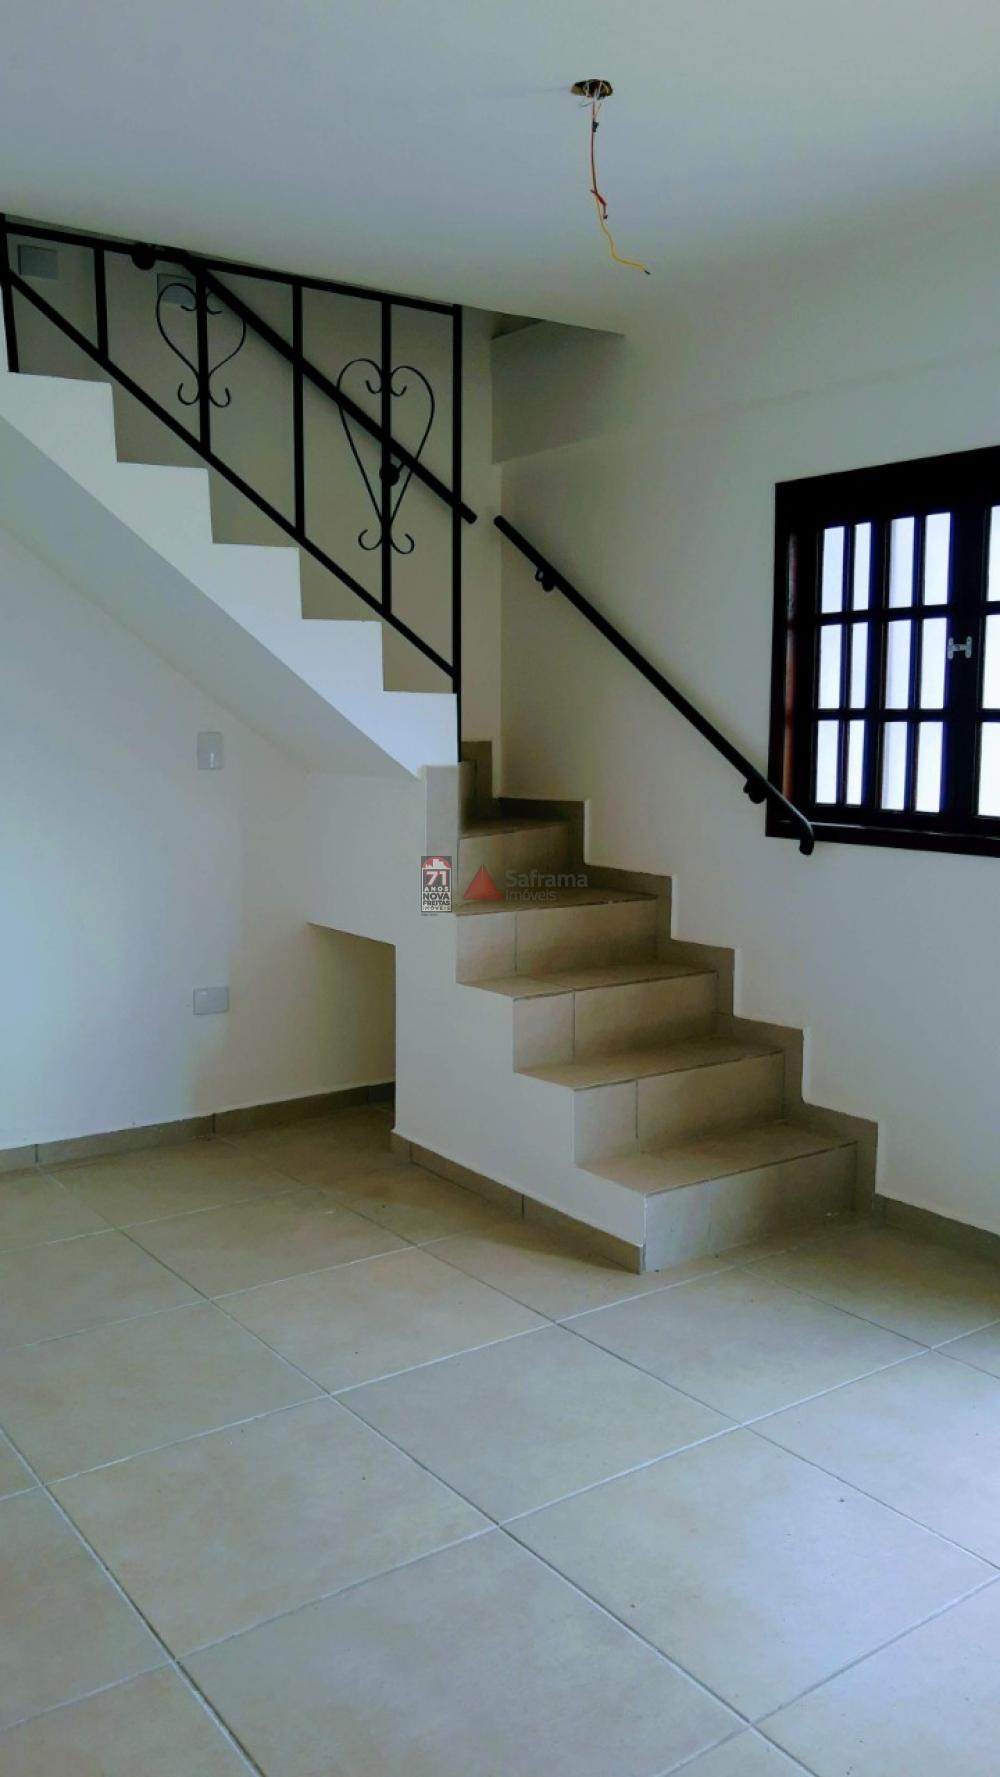 Comprar Casa / Sobrado em Caraguatatuba apenas R$ 436.000,00 - Foto 12